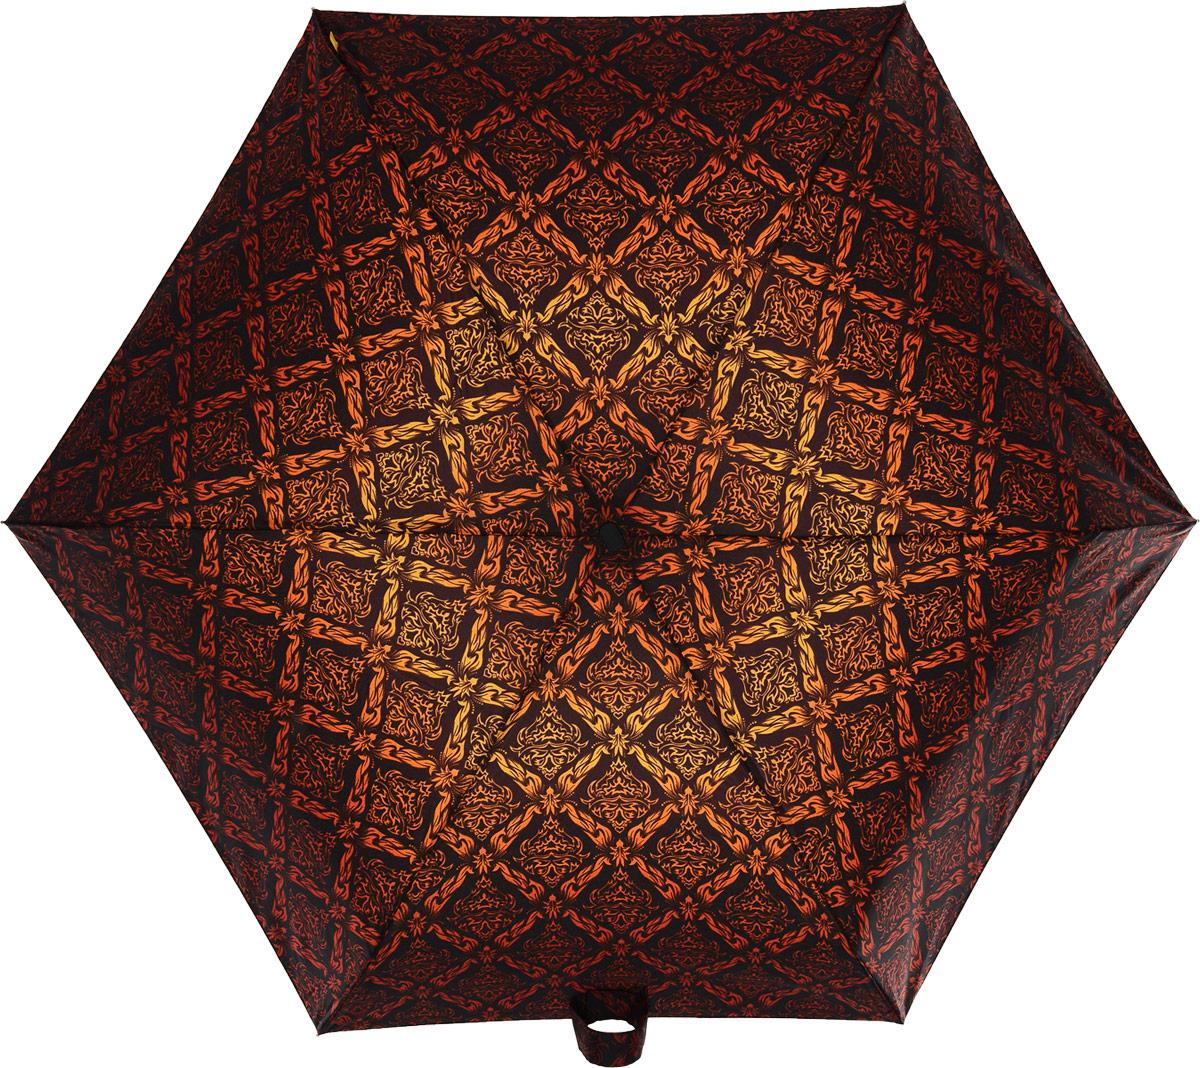 Зонт женский Zest, механический, 5 сложений, цвет: черный, коричневый, красный, оранжевый. 25518-273CX1516-50-10Невероятно компактный и легкий зонт Zest имеет 5 сложений. Модель зонта складывается и раскладывается механически. Удобная ручка выполнена из пластика с прорезиненным нанесением, приятна на ощупь. В сложенном состоянии зонт занимает очень мало места, и его удобно будет носить с собой даже в маленькой сумочке. К зонту прилагается чехол.